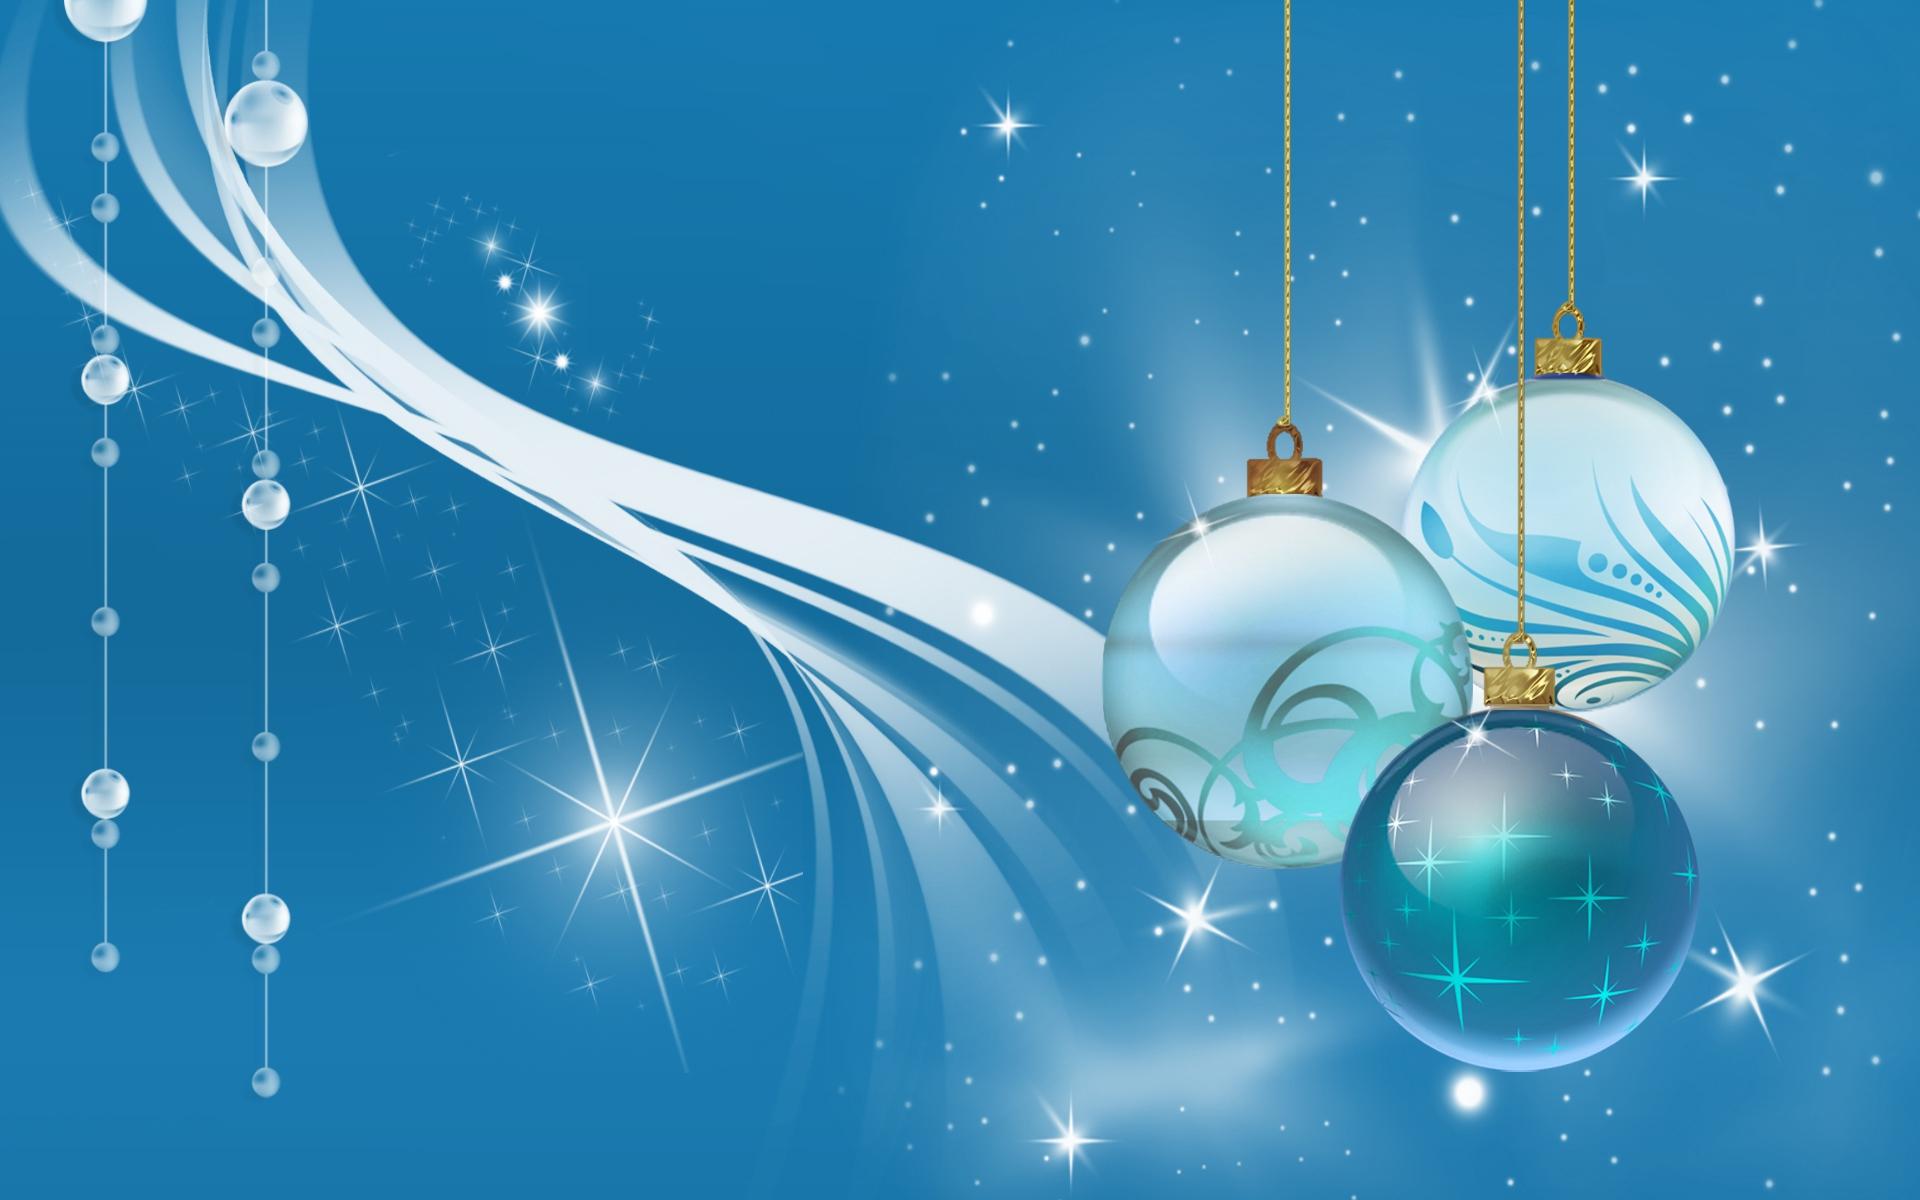 Amazing Blue Christmas HQ.